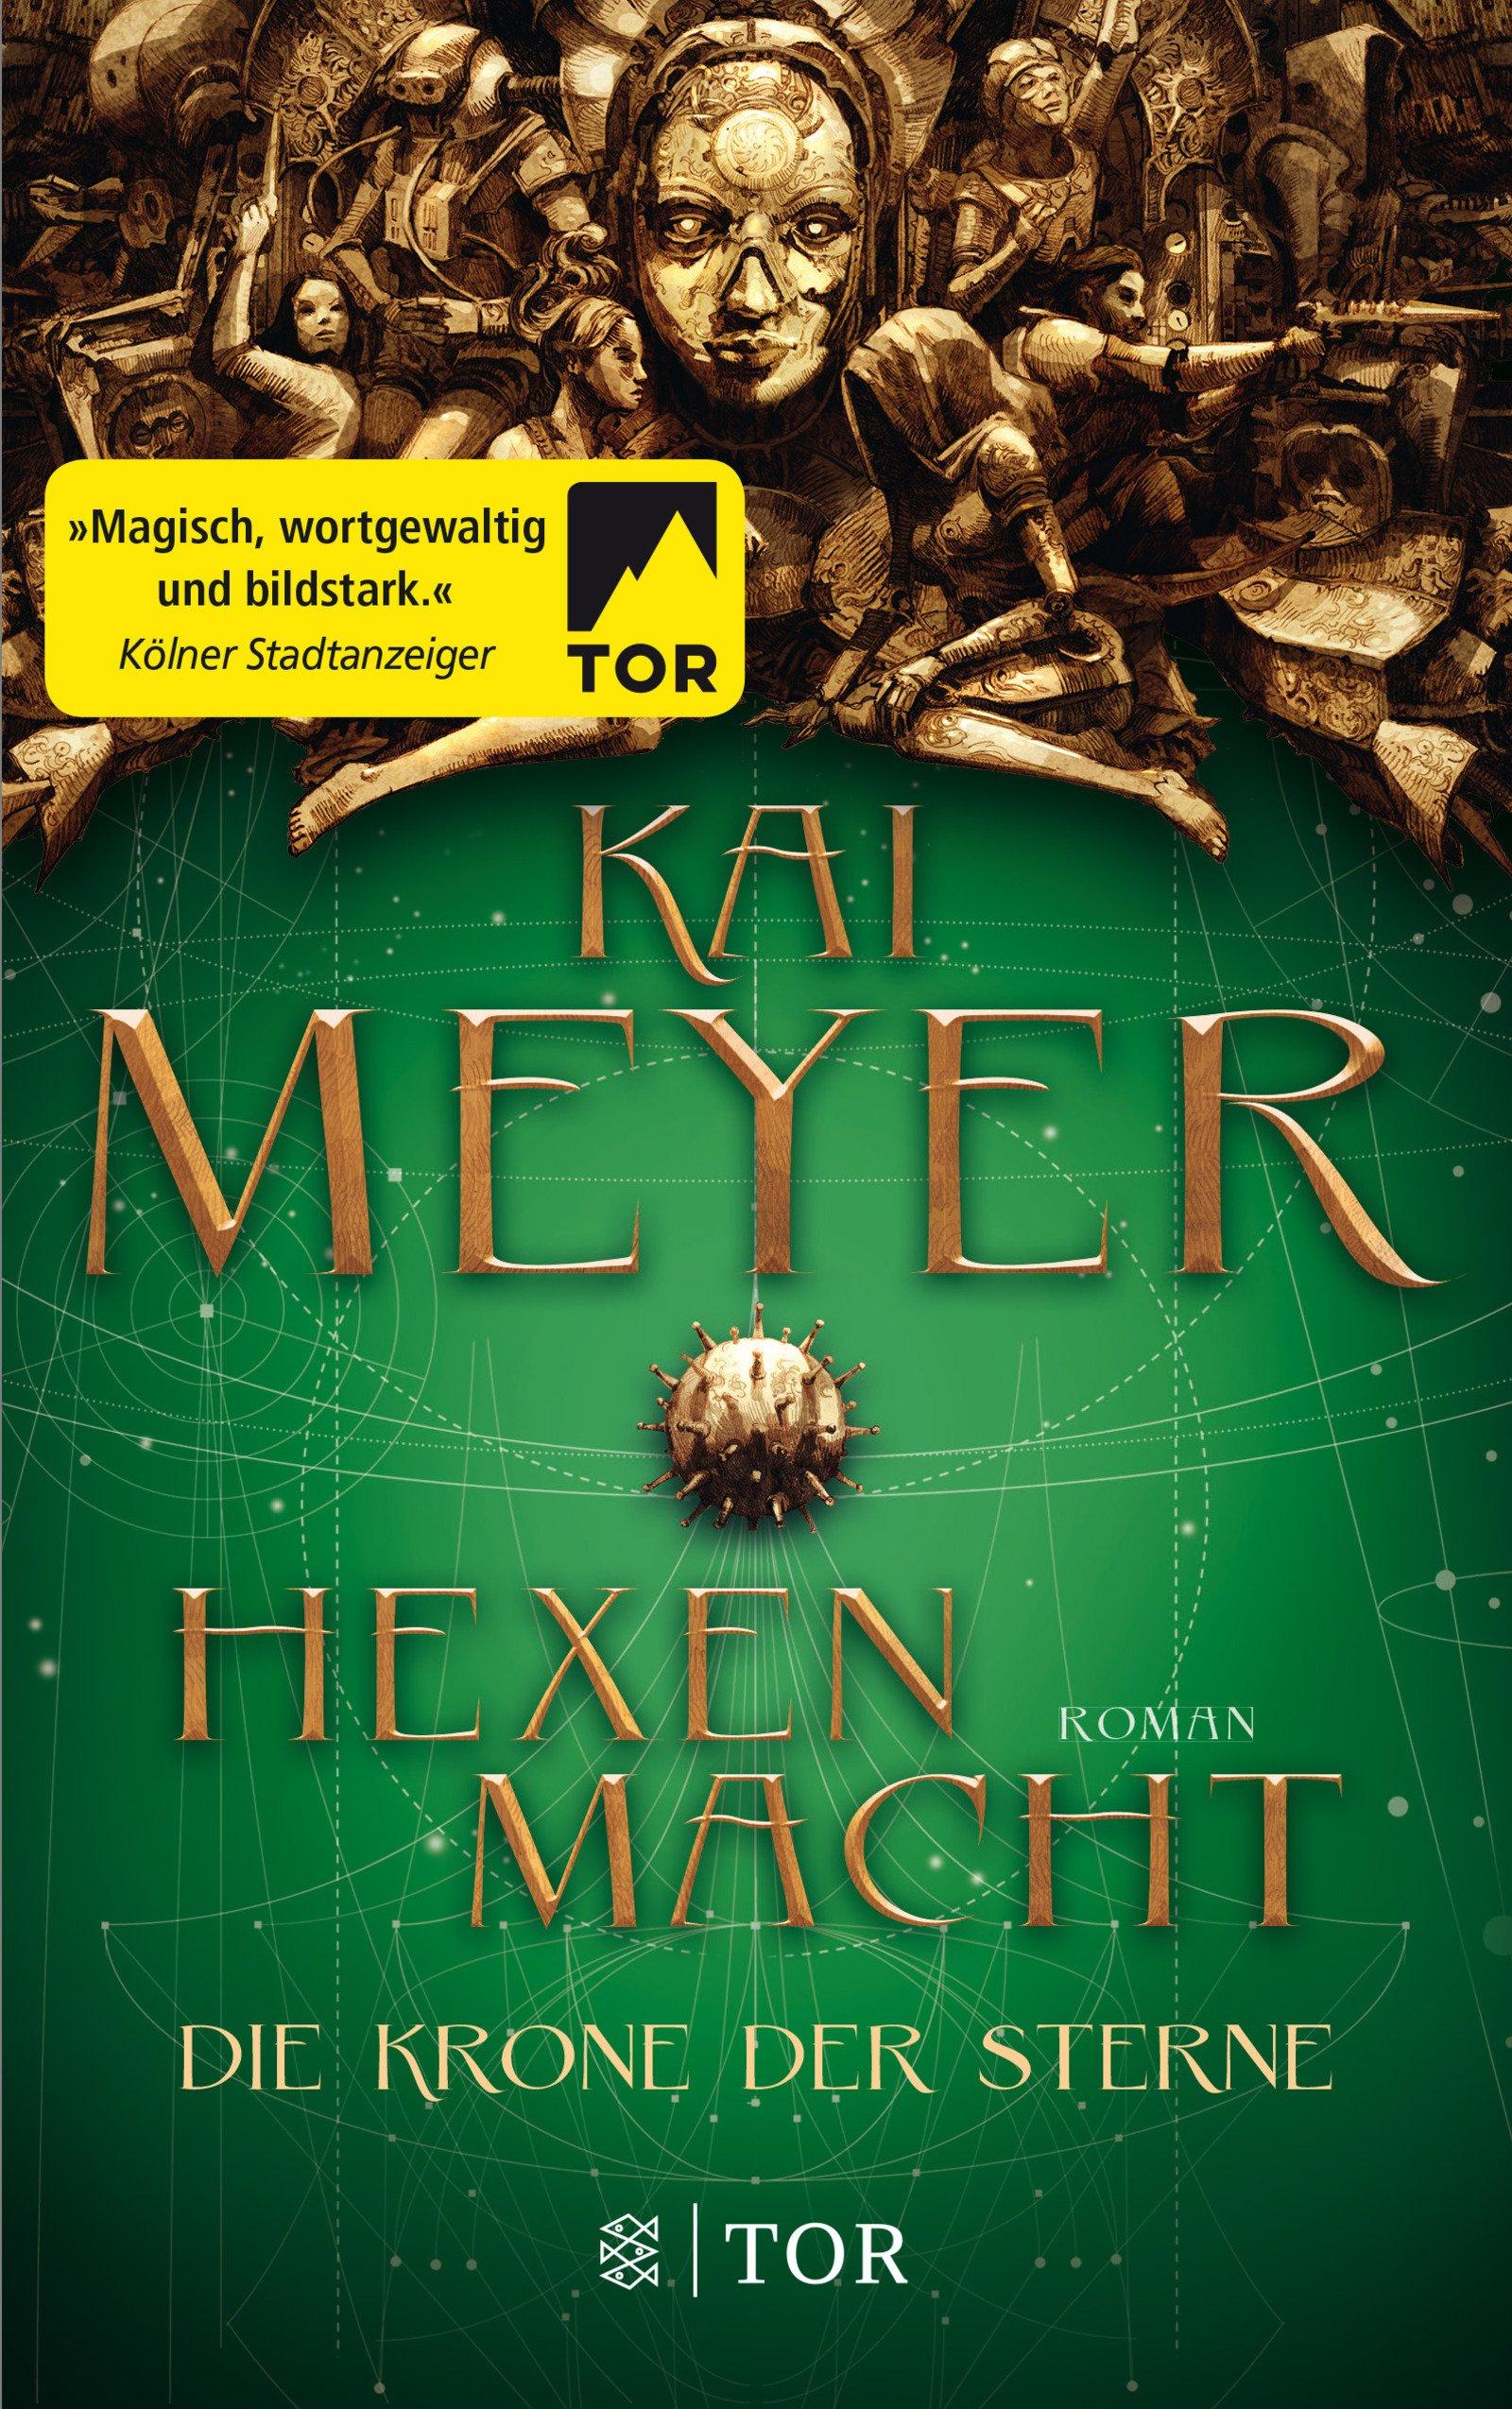 Meyer_Kai_Die_Krone_der_Sterne_Hexenmacht_Phantastik-Autoren-Netzwerk.jpg